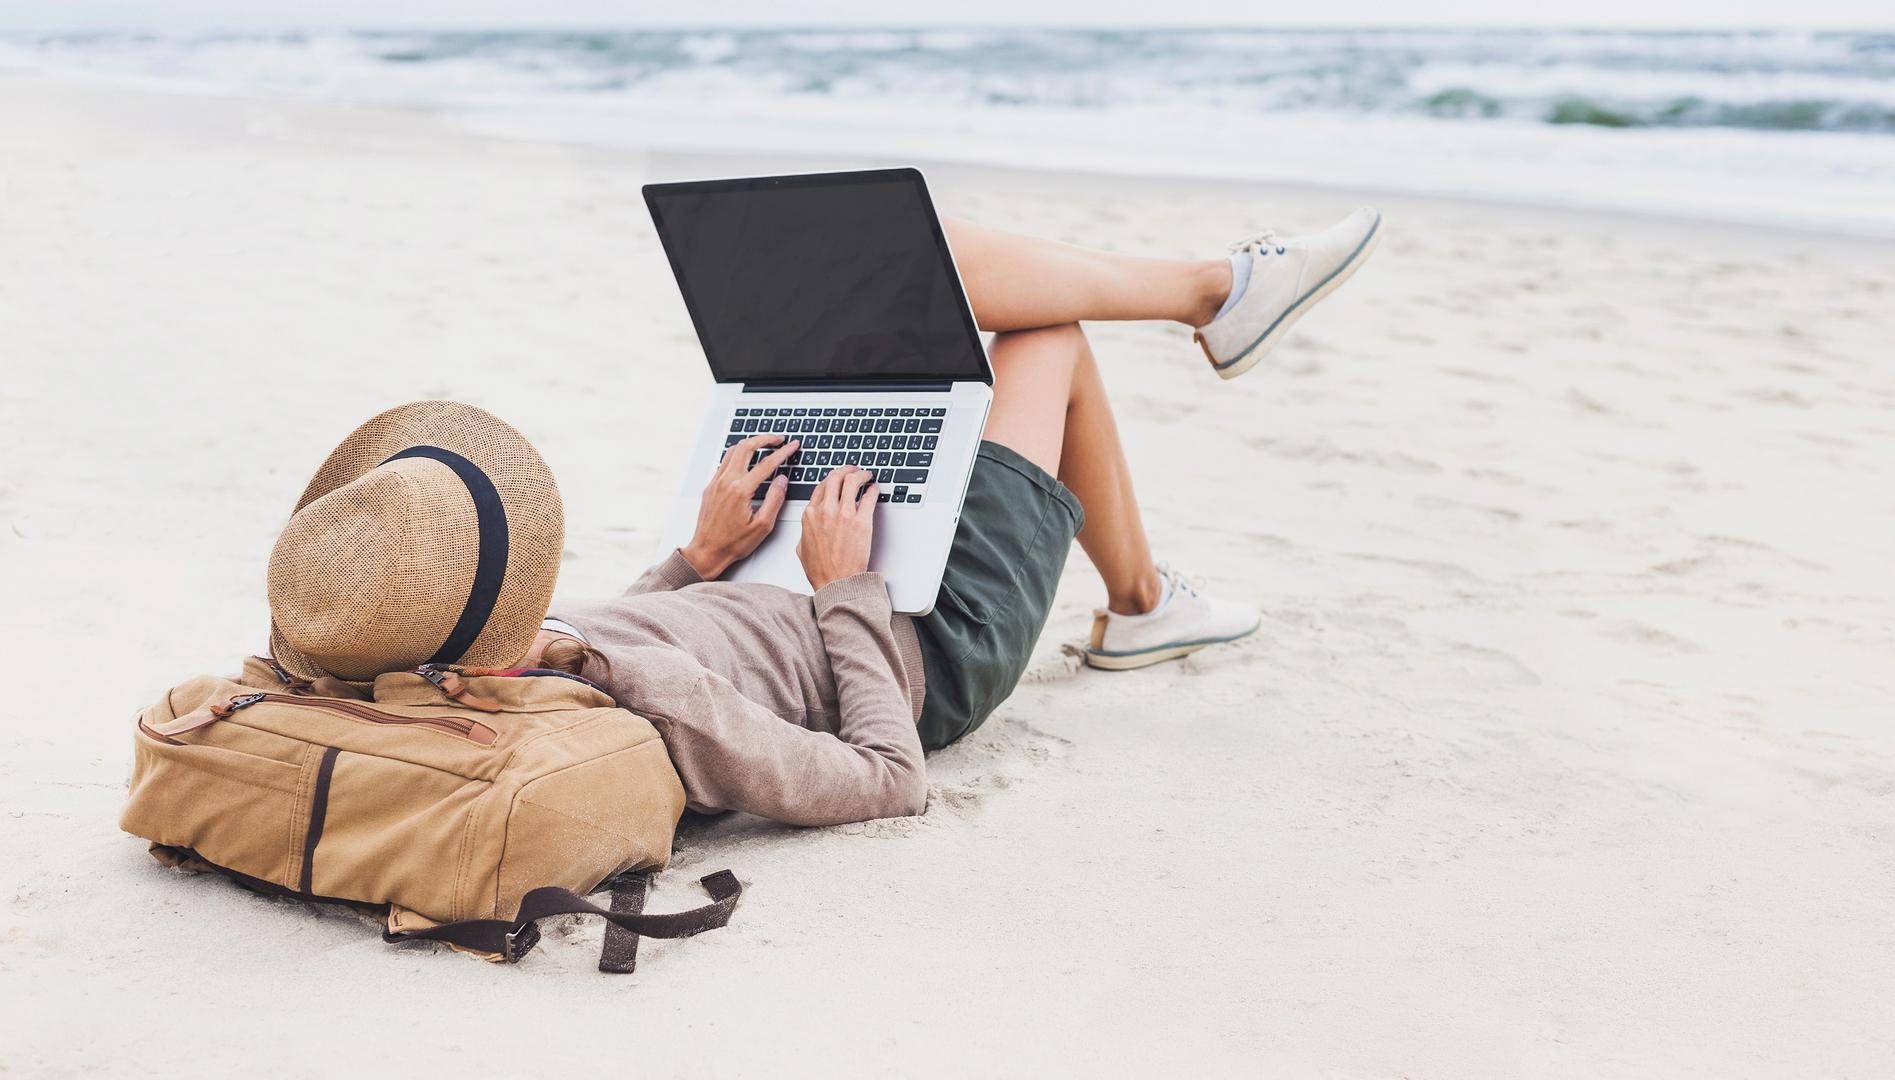 Работа фрилансером онлайн работу в качестве фрилансера